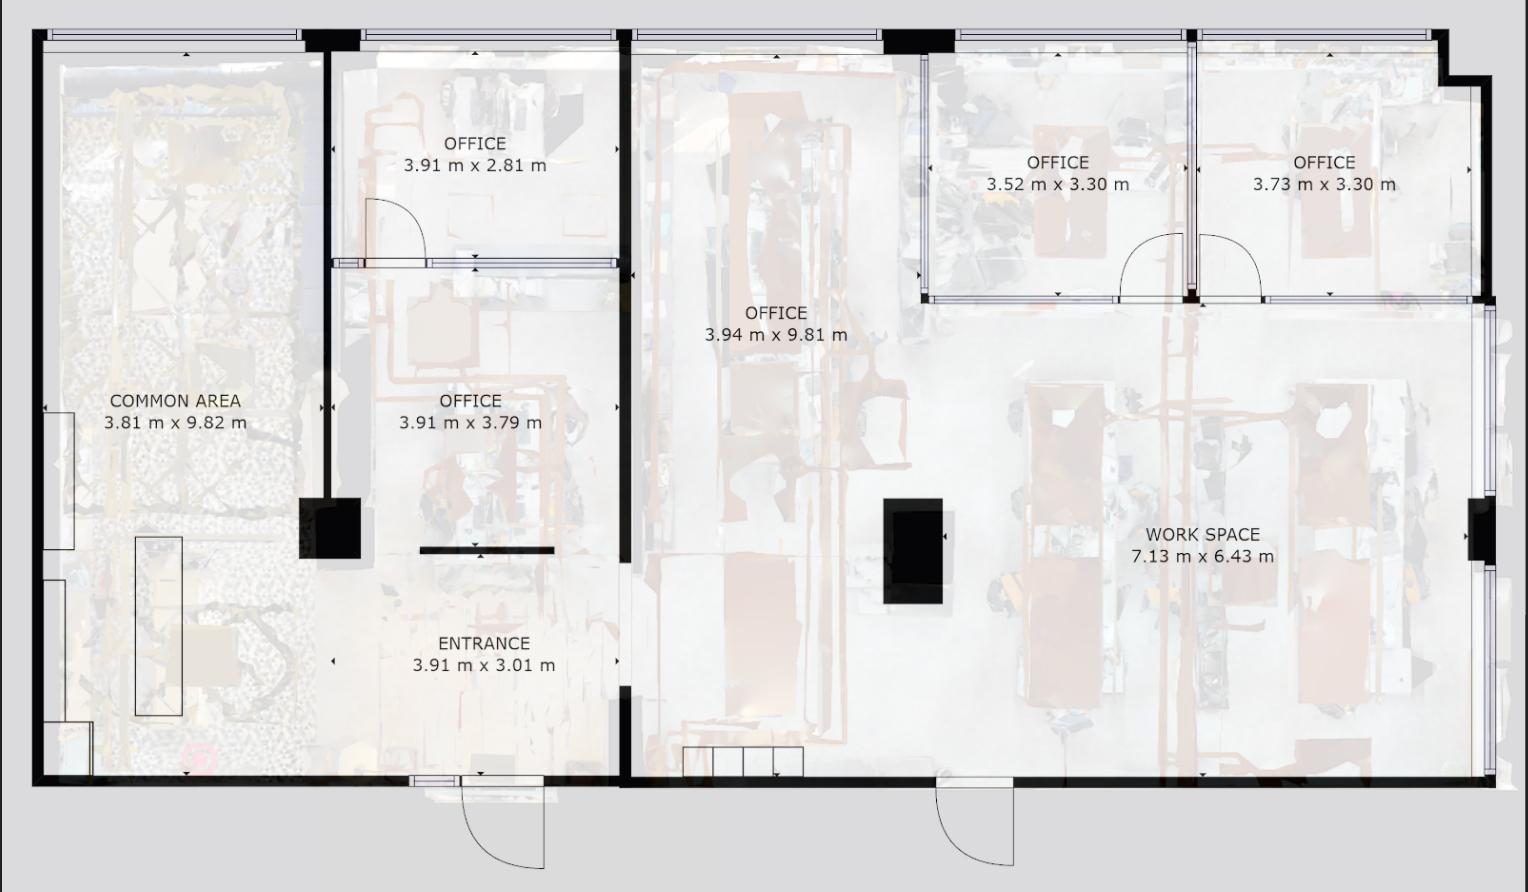 澳門室內設計裝修將會引入VR360和3D工具,可一鍵生成設計圖; 兼容點雲、AutoCAD